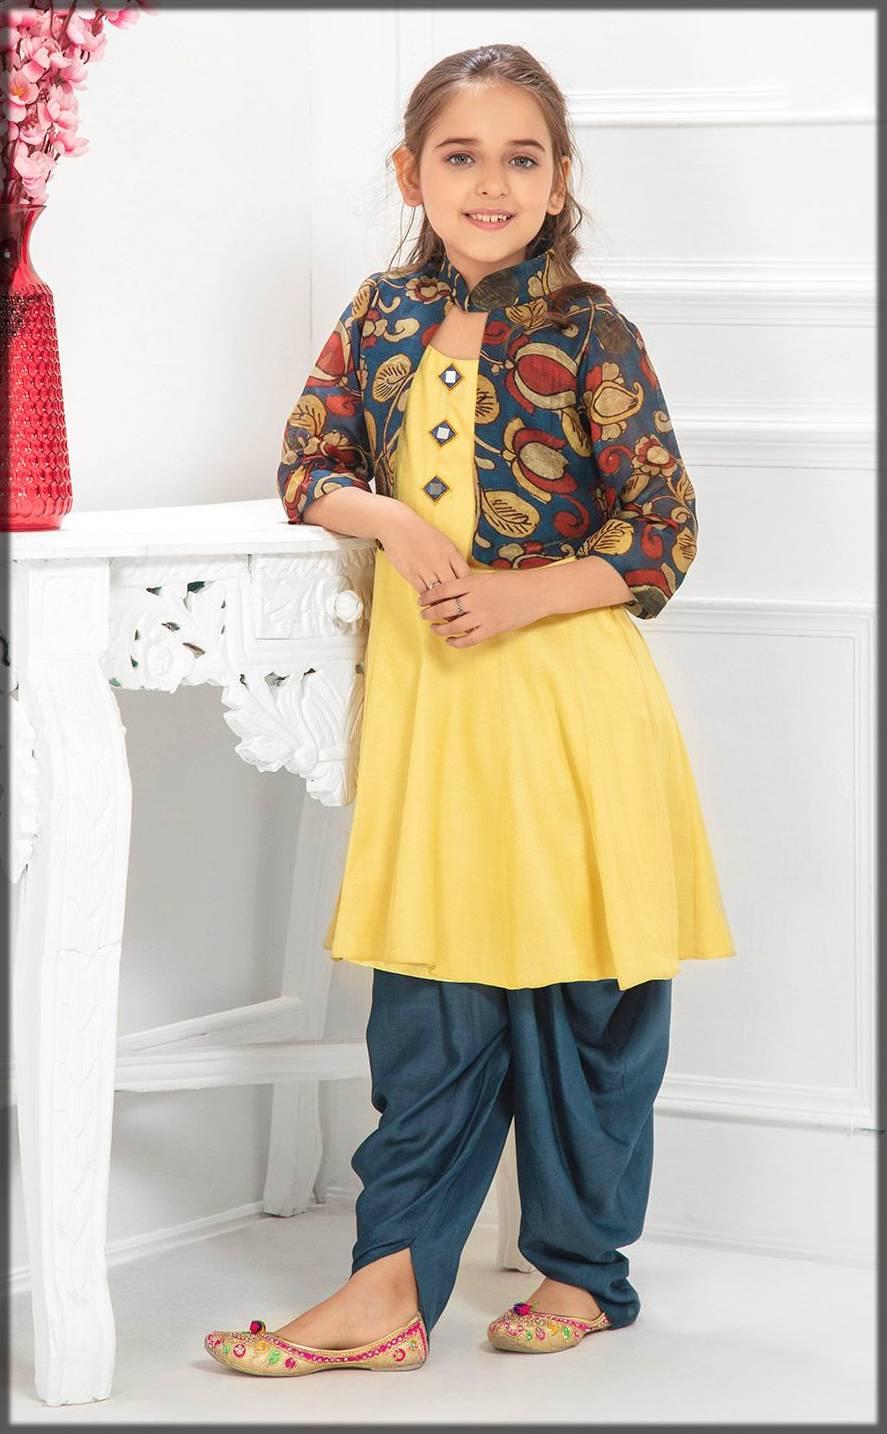 jacket style shalwar kameez for kids